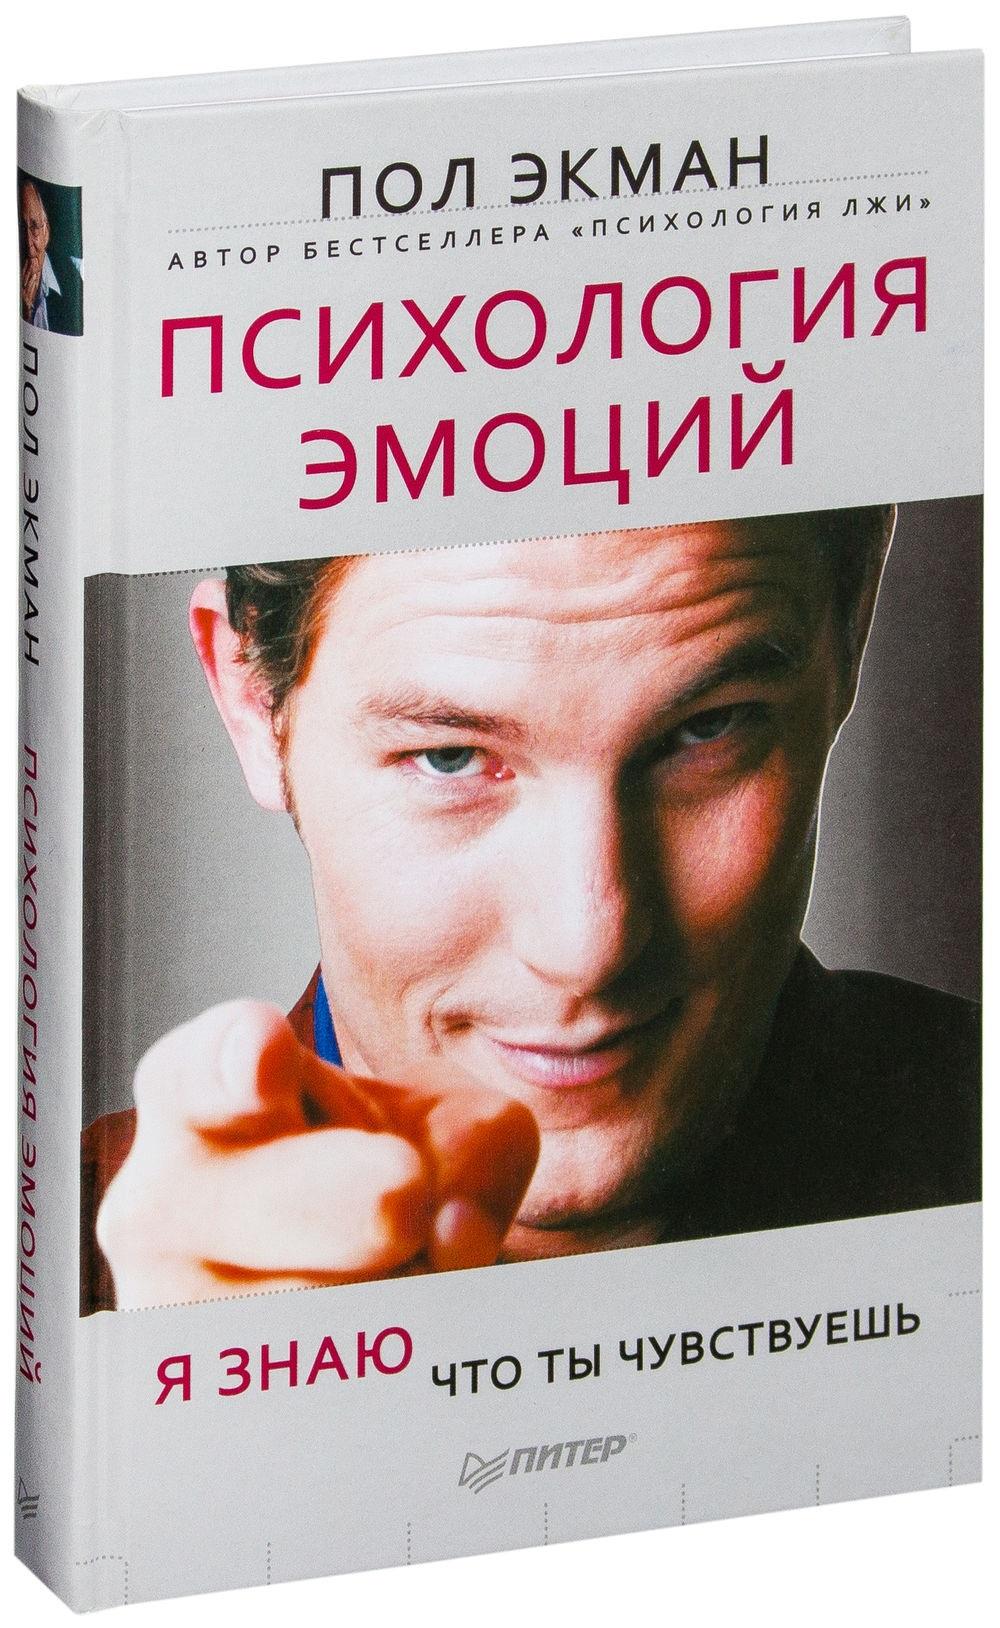 Купить Психология эмоций. Я знаю, что ты чувствуешь, Пол Экман, 978-5-459-00734-3, 978-5-496-00516-6, 978-5-49807-705-5, 978-5-4461-0940-1